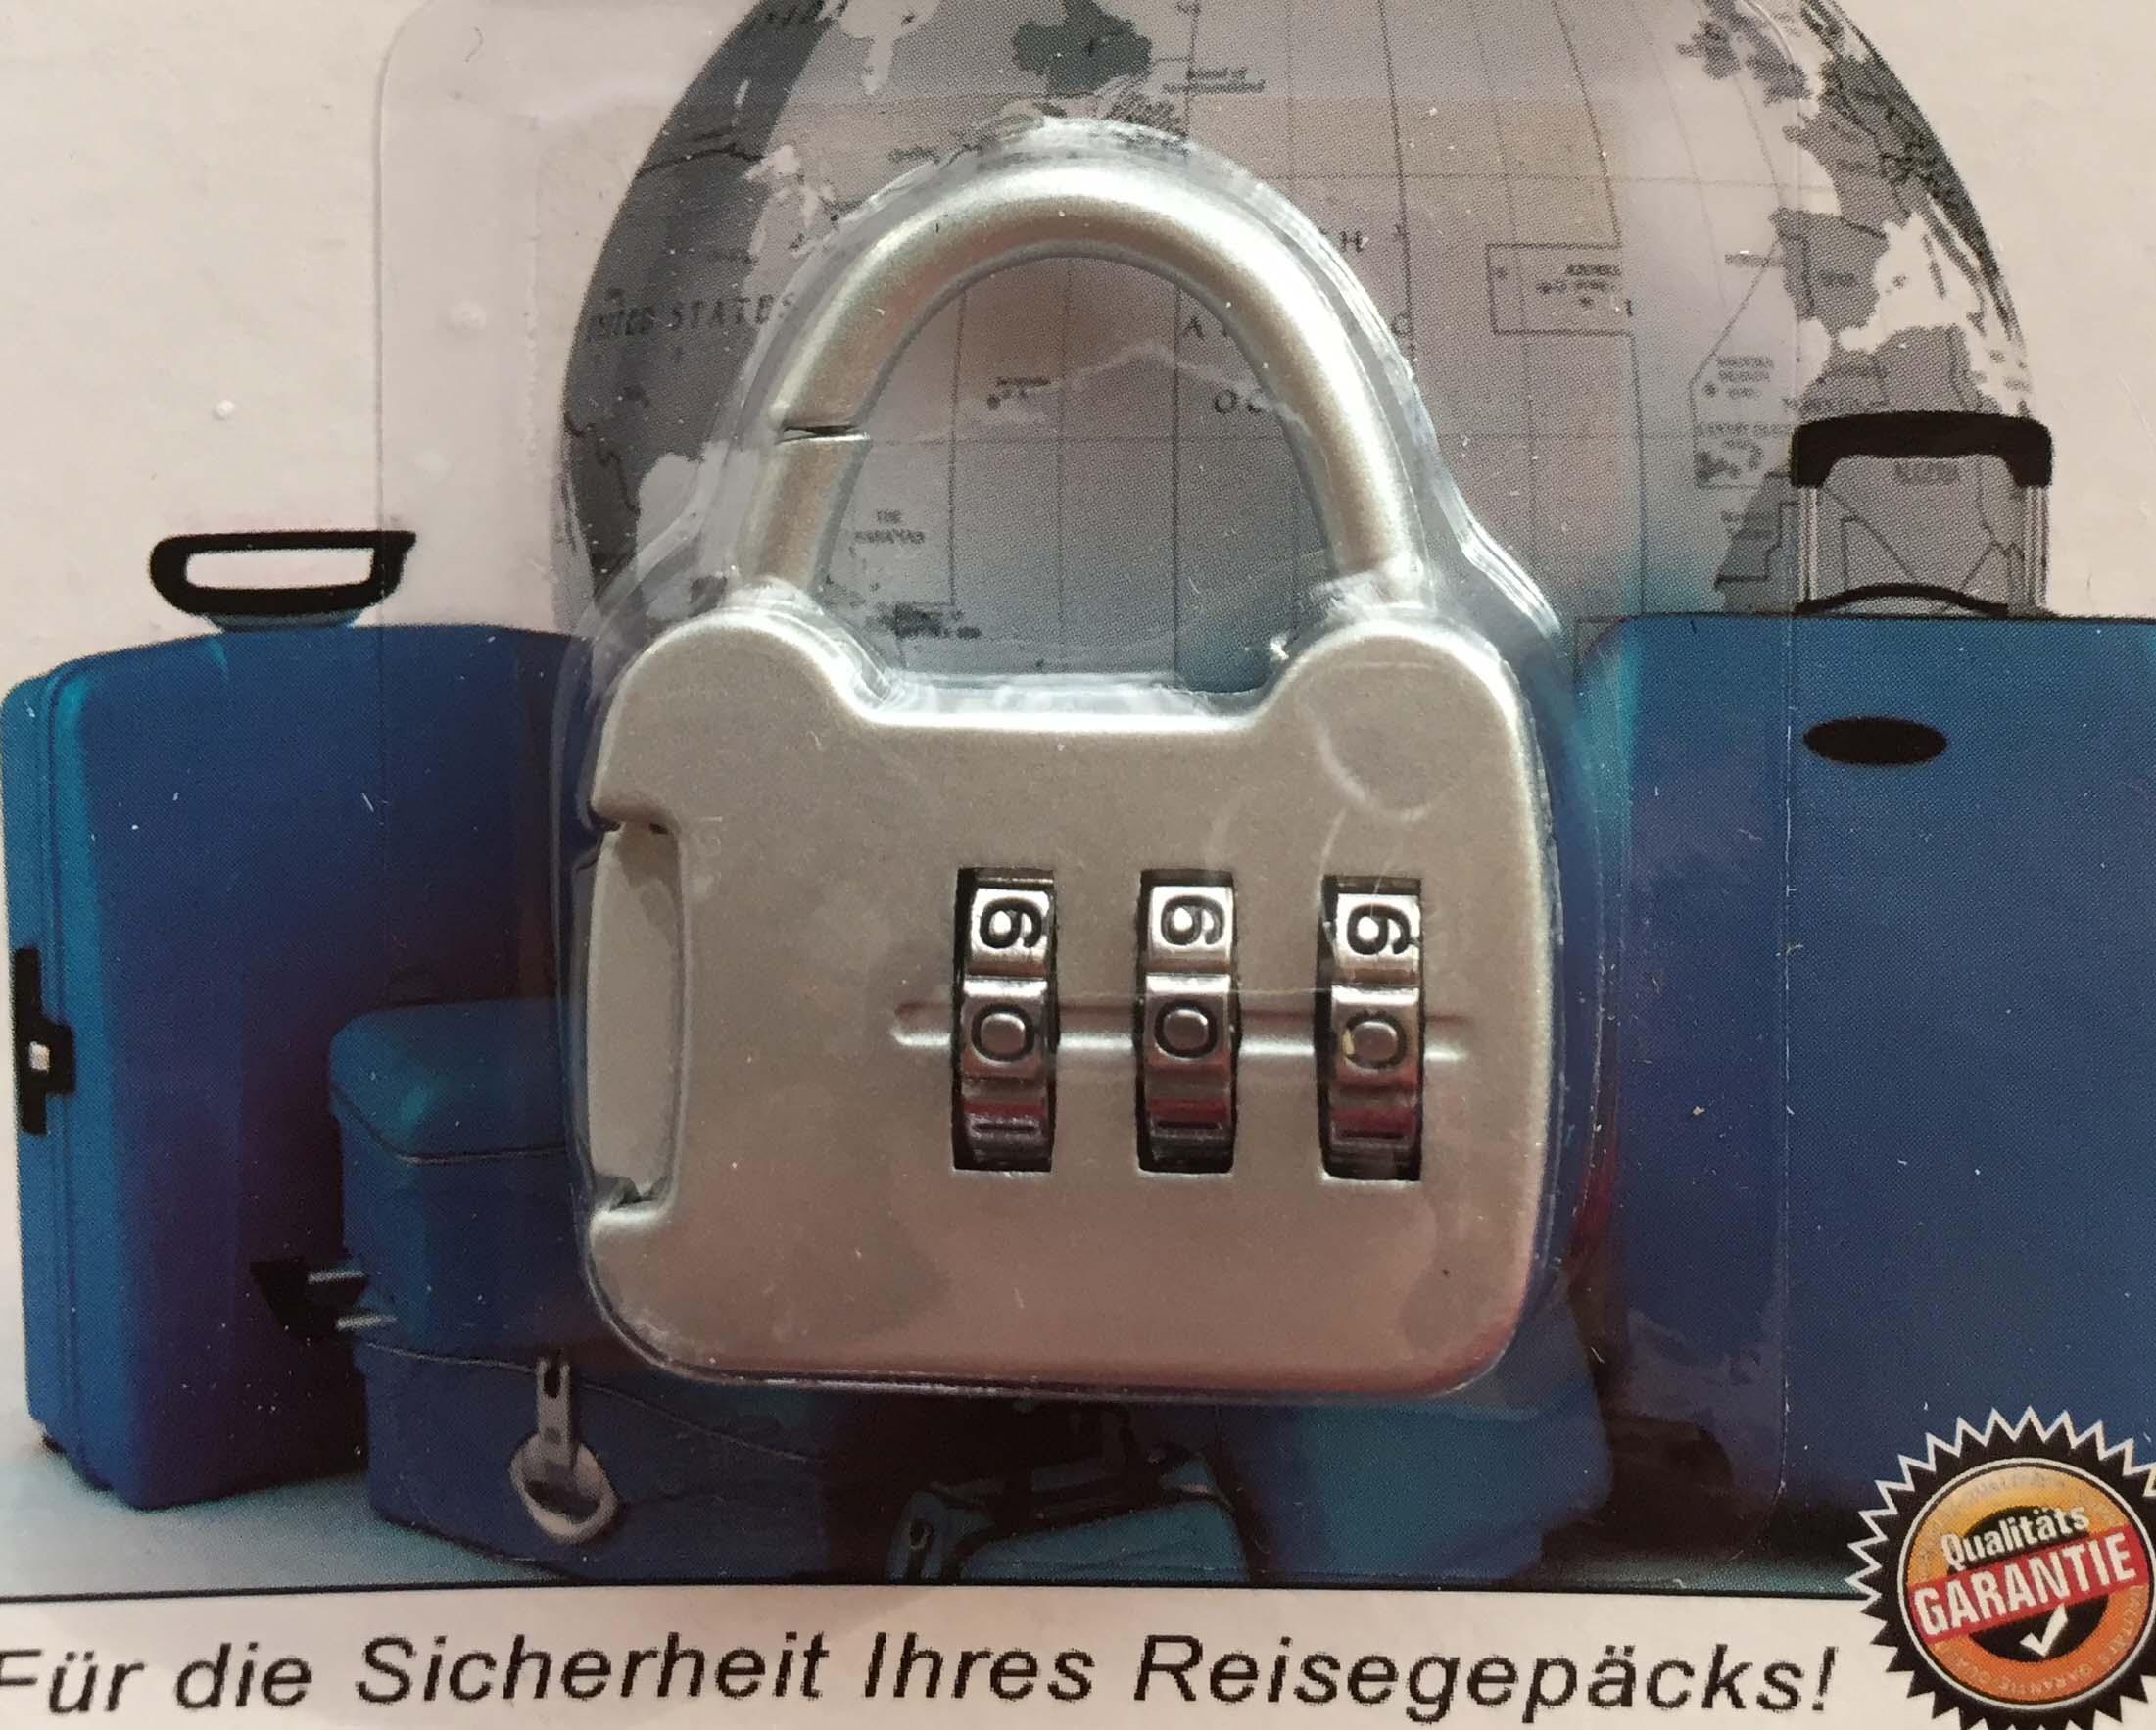 PRO Kofferschloss Schloss Reise Zahlenschloss Zahlenkombination Vorhängeschloss